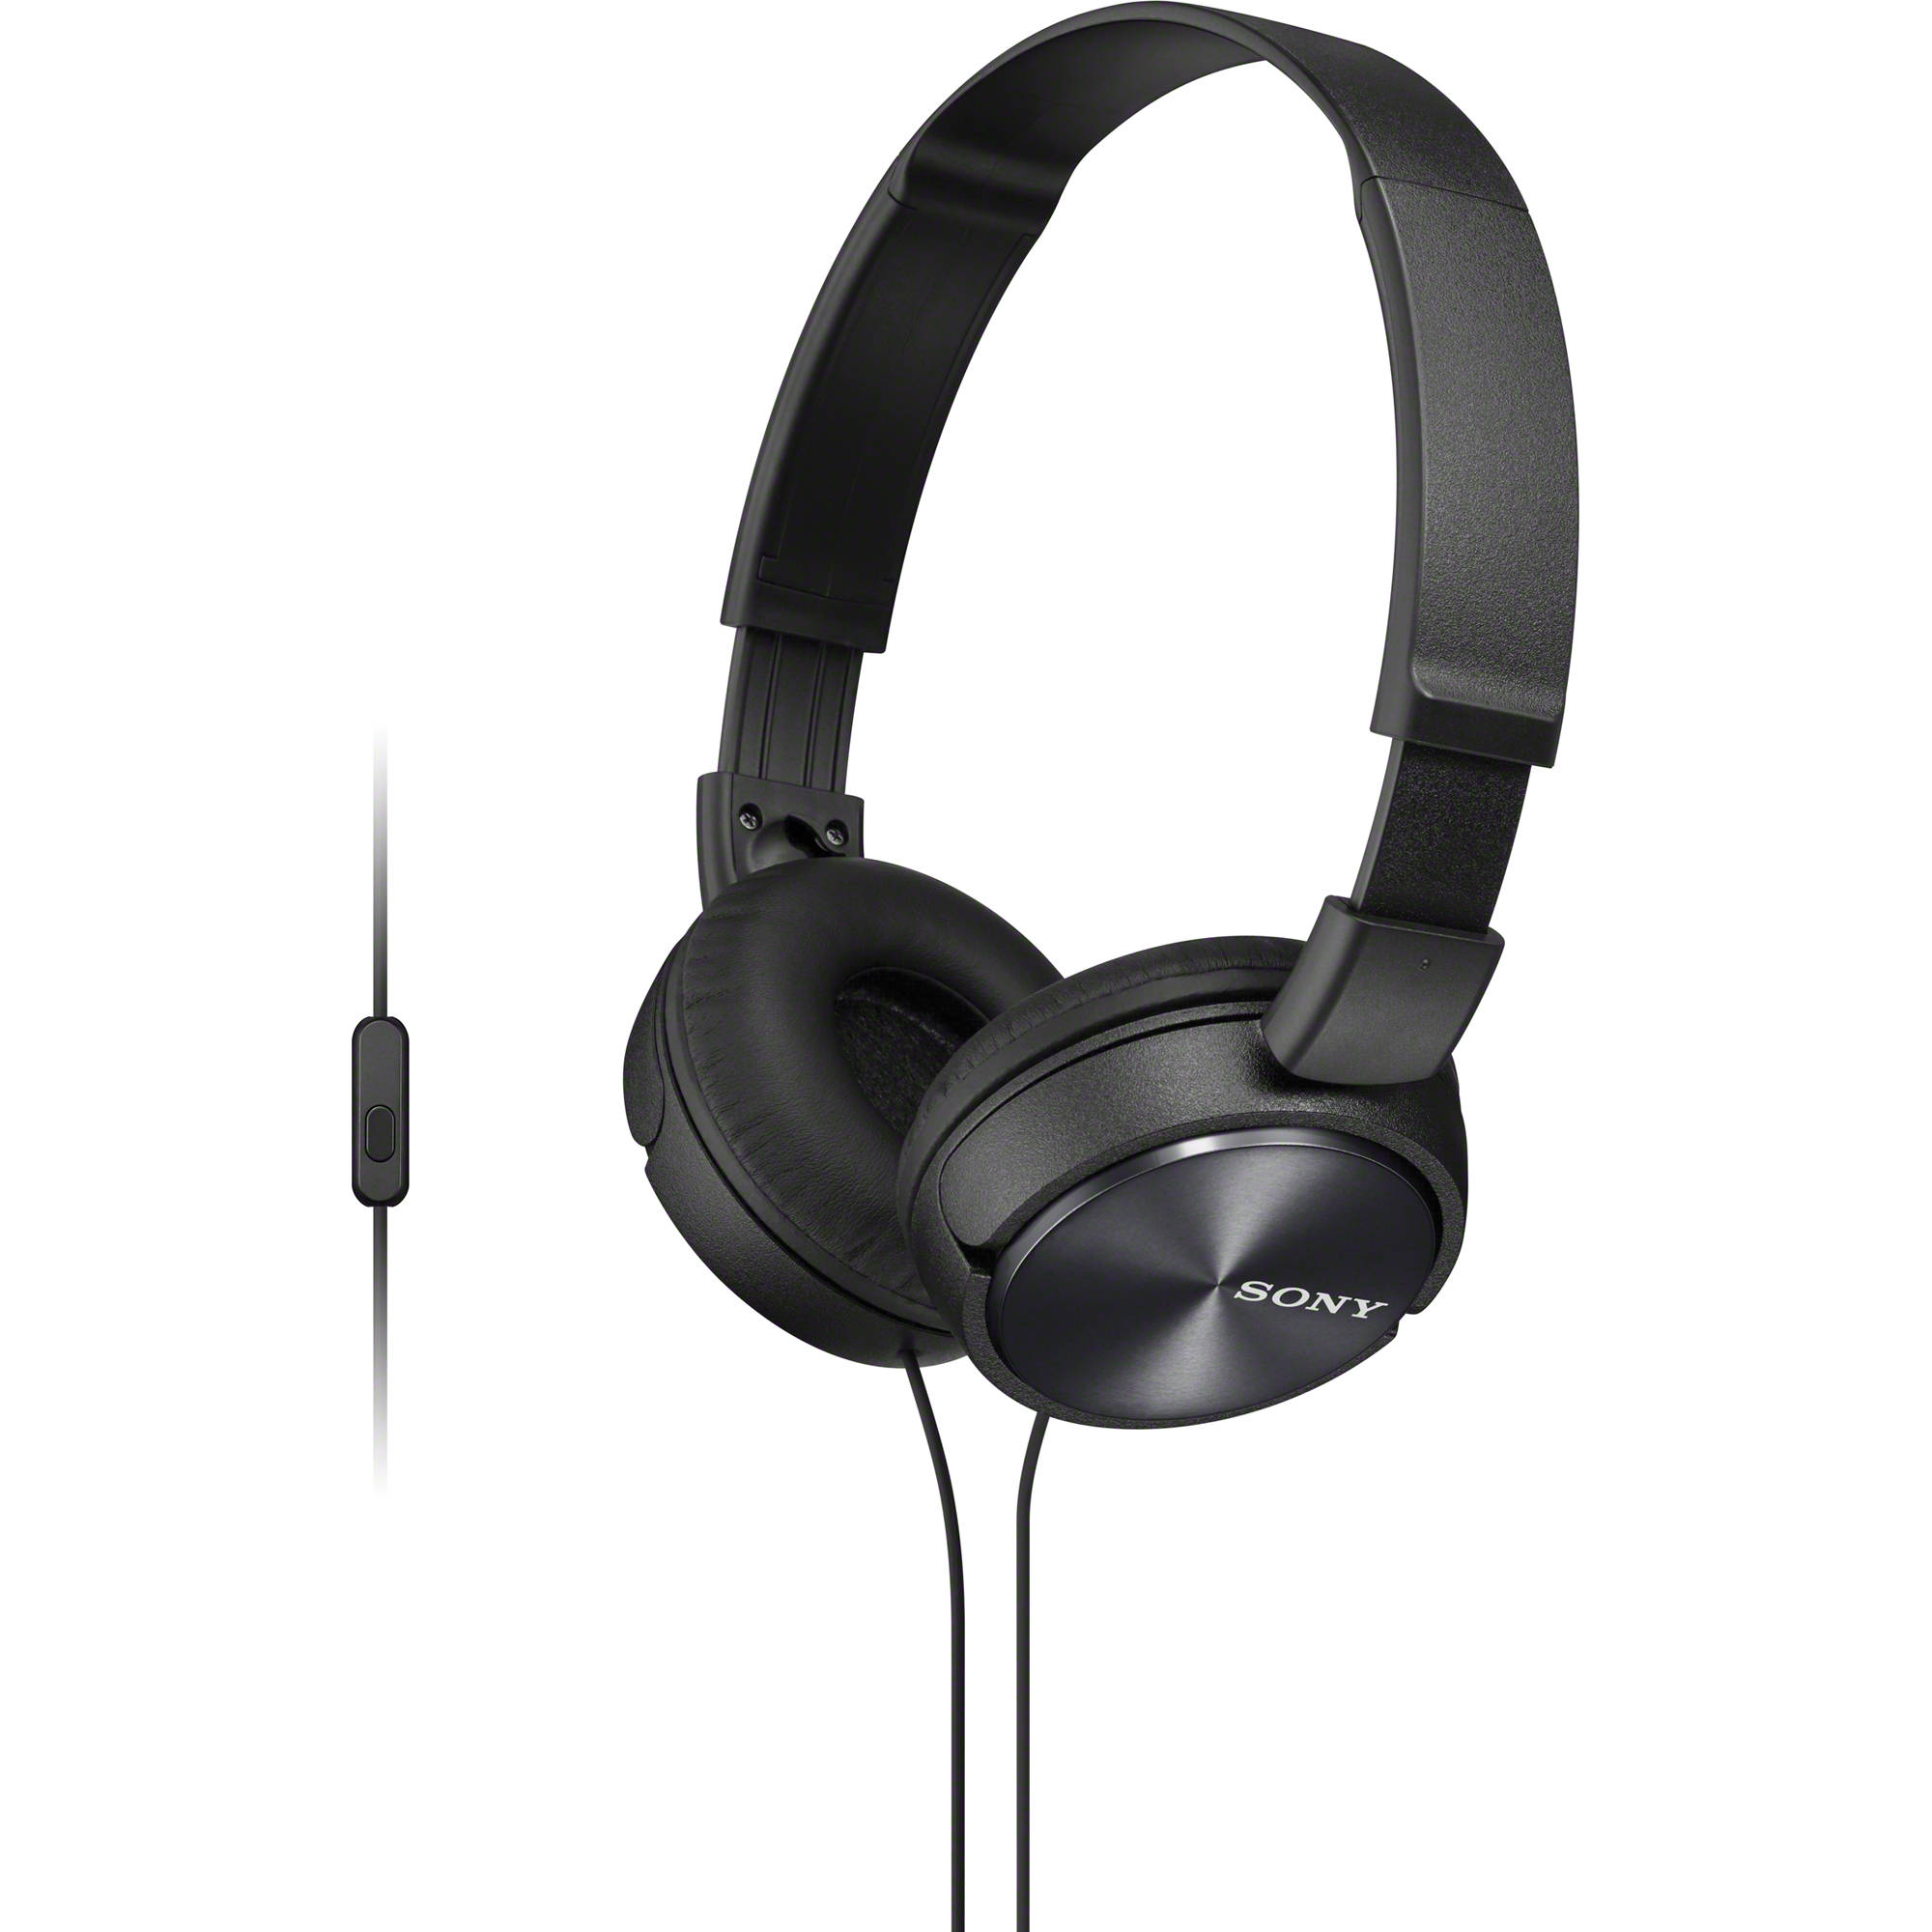 Ακουστικά Κεφαλής Στερεοφωνικά Sony MDR-ZX310AP Black Android, Apple, BlackBerry image